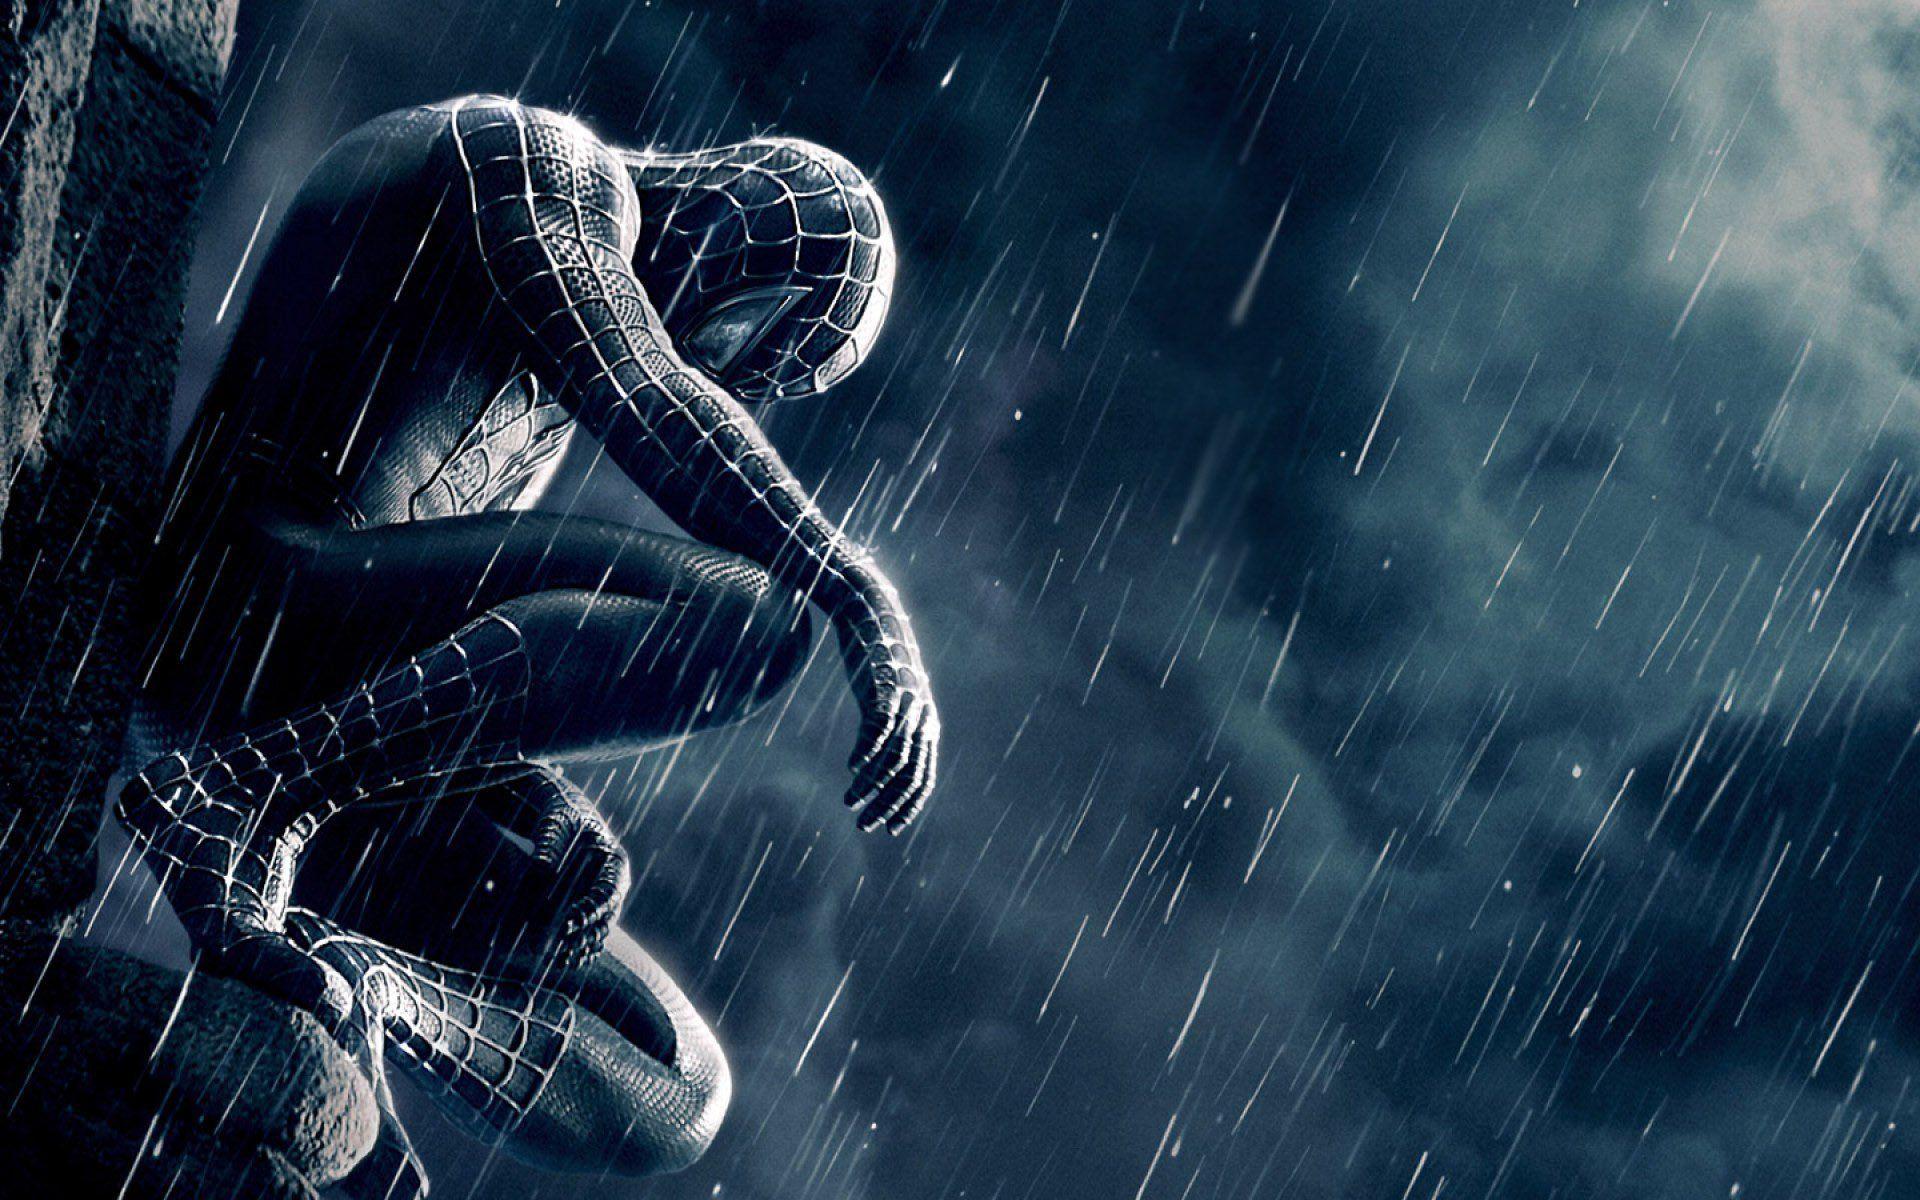 wallpaper of spider man